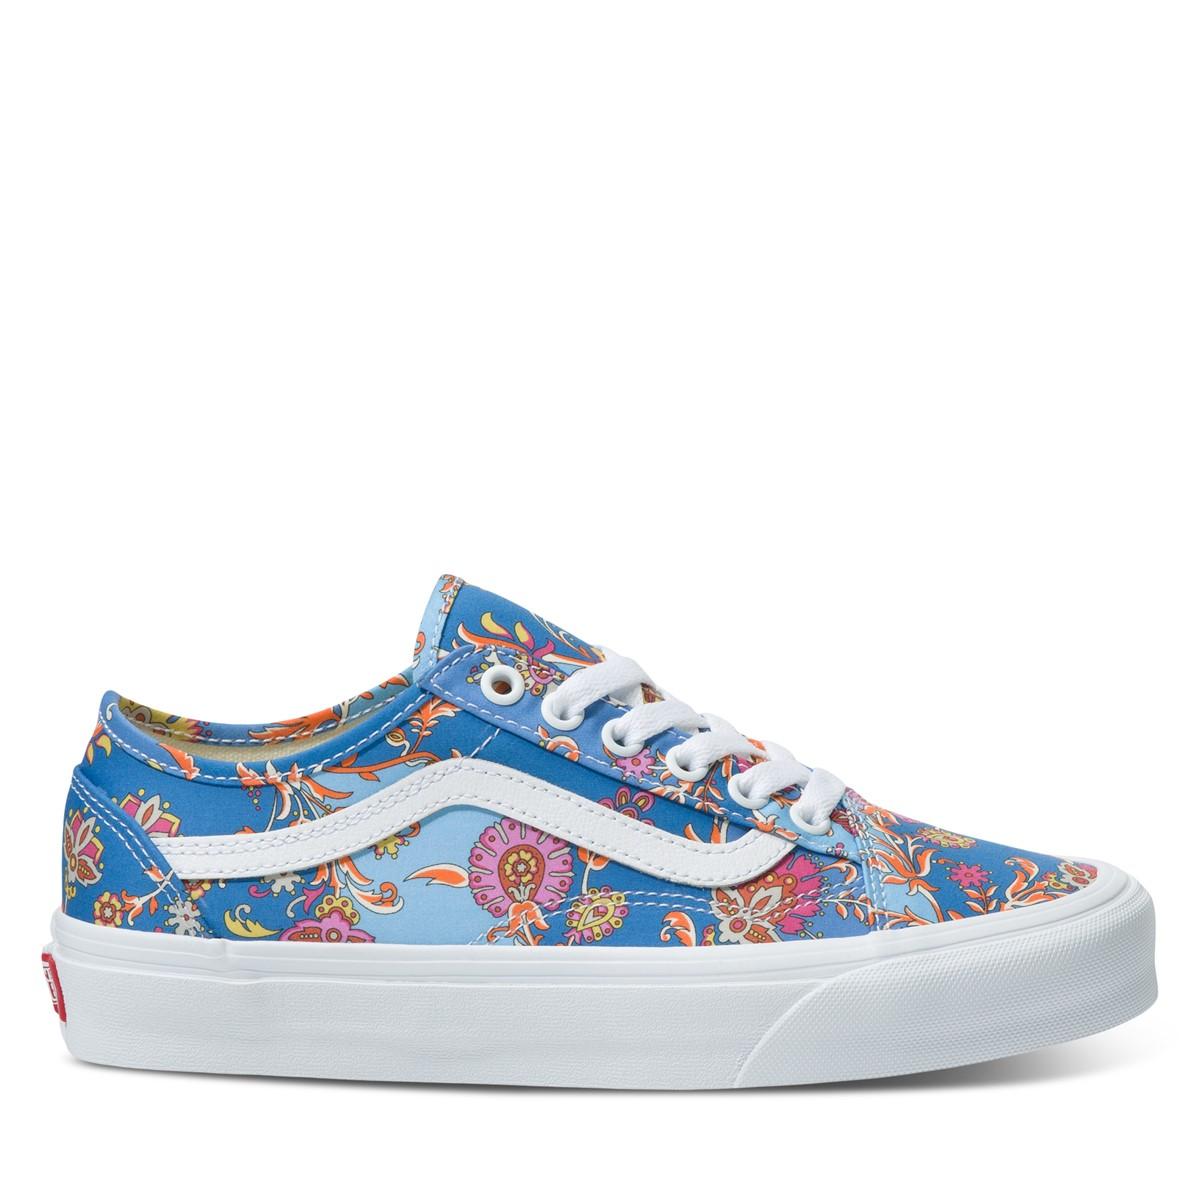 Women's Vans X Liberty Old Skool Floral Sneakers in Blue